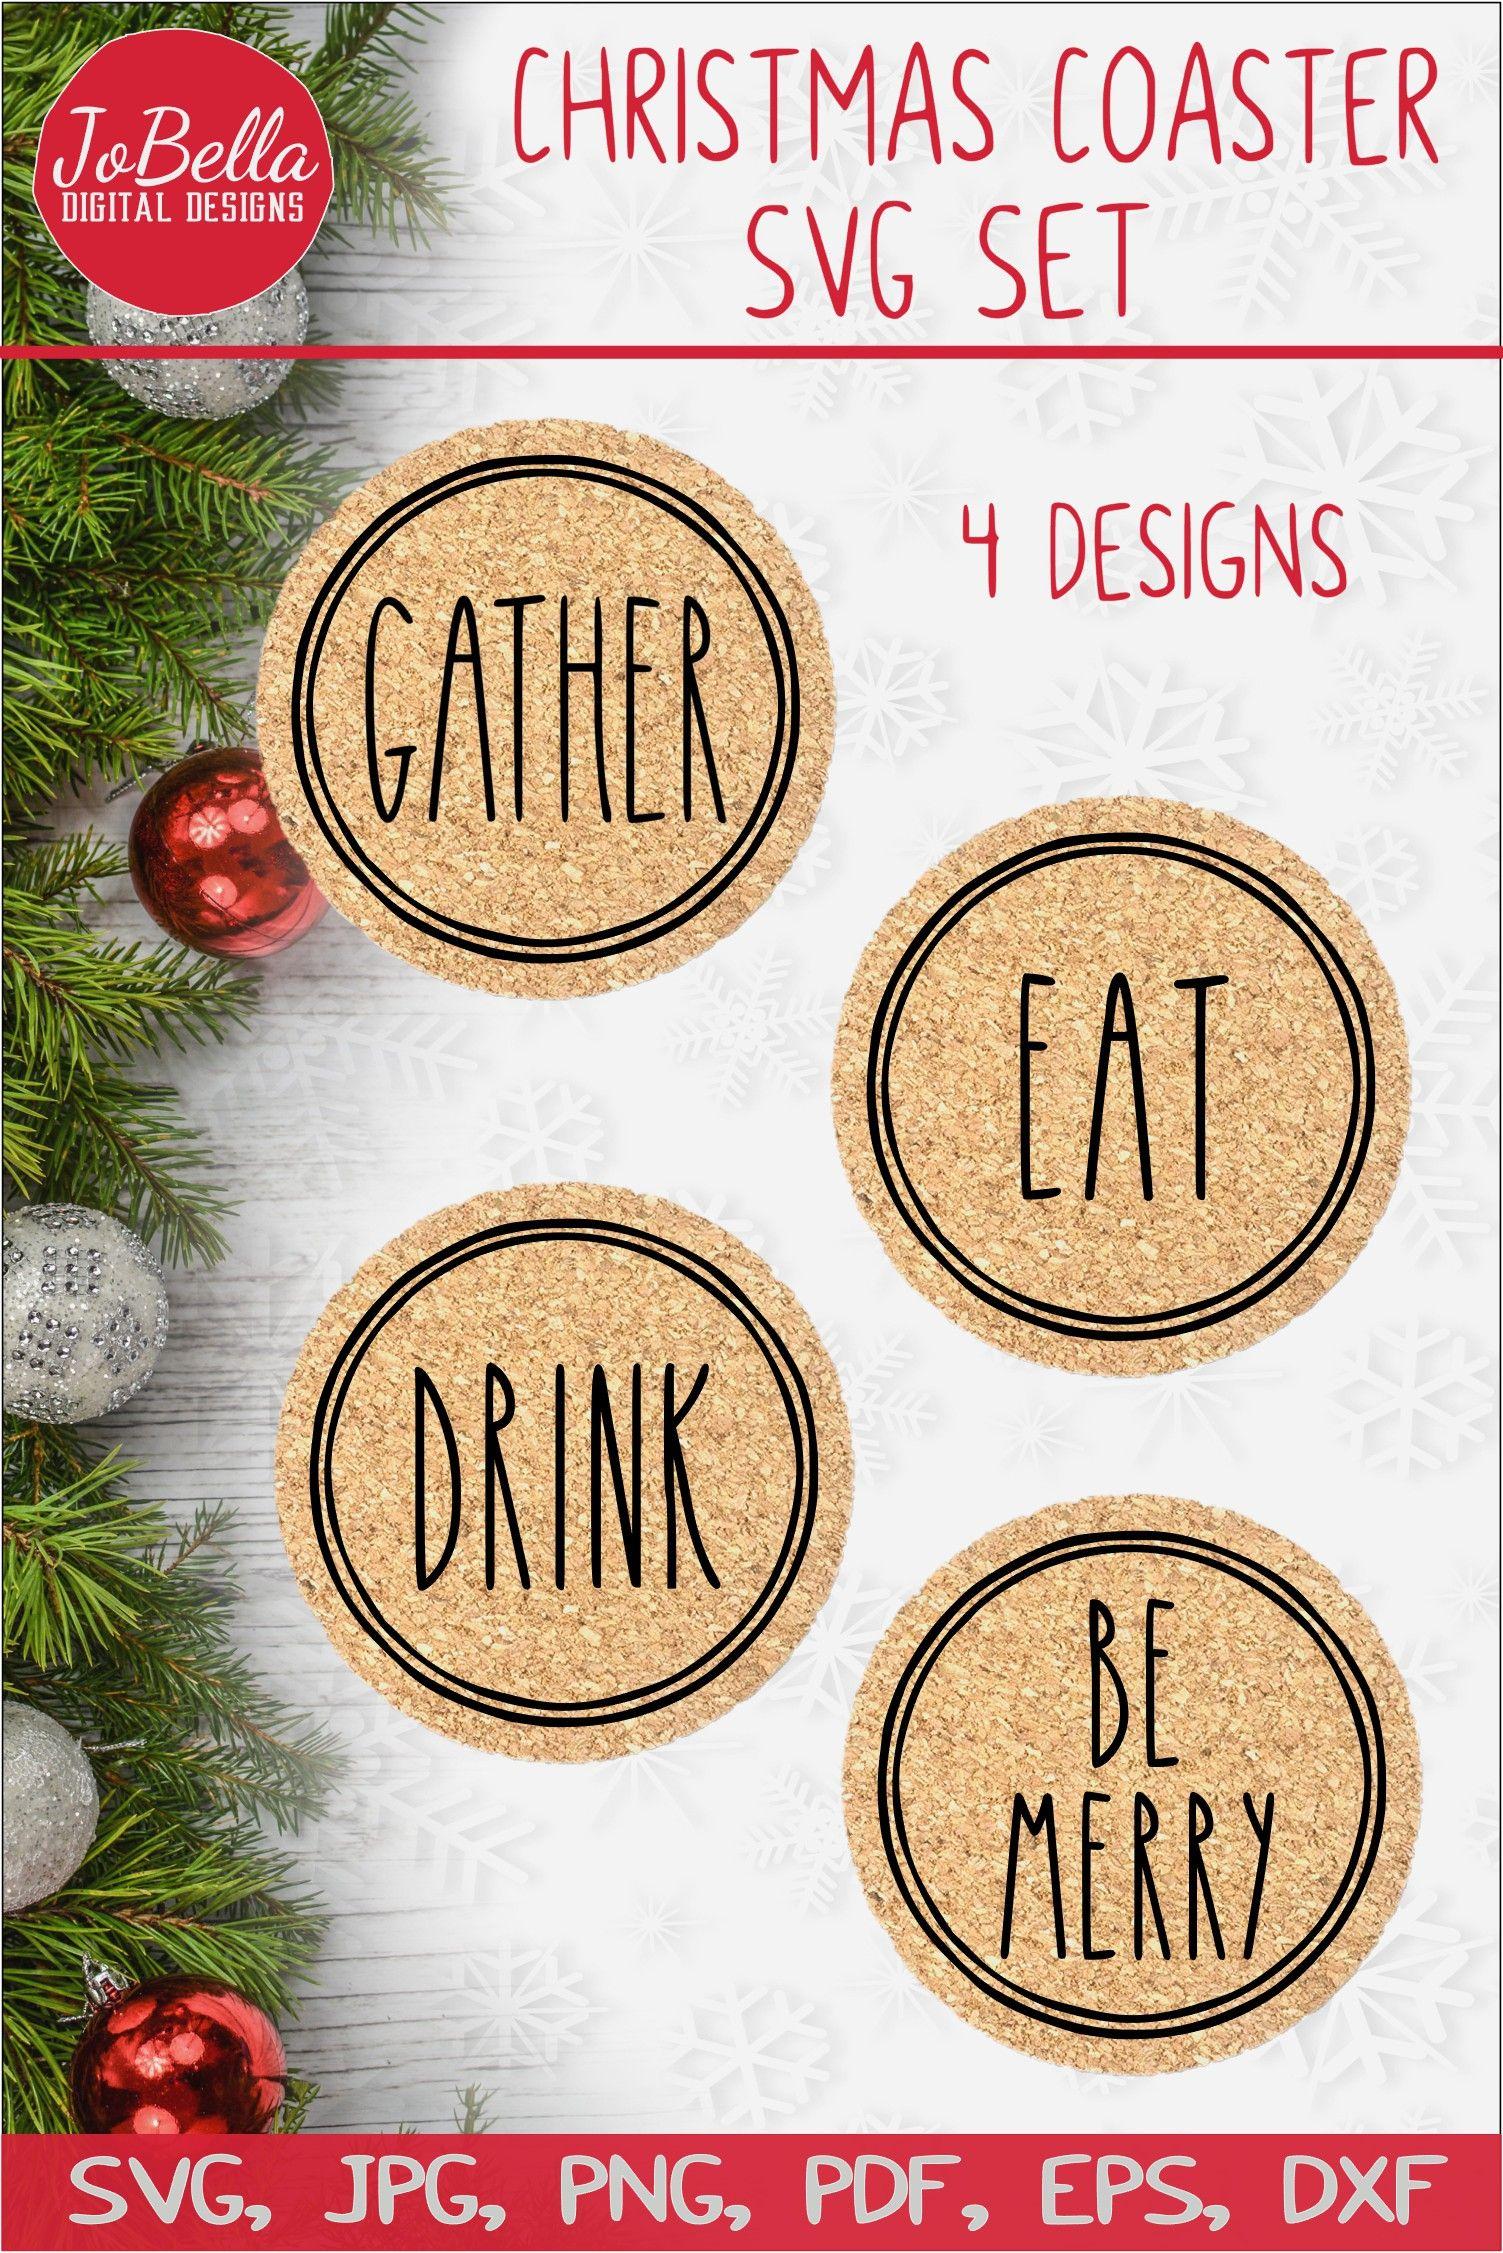 Coaster Christmas 2021 Christmas Coaster Svg Bundle In 2021 Christmas Coasters Christmas Projects Diy Christmas Svg Files